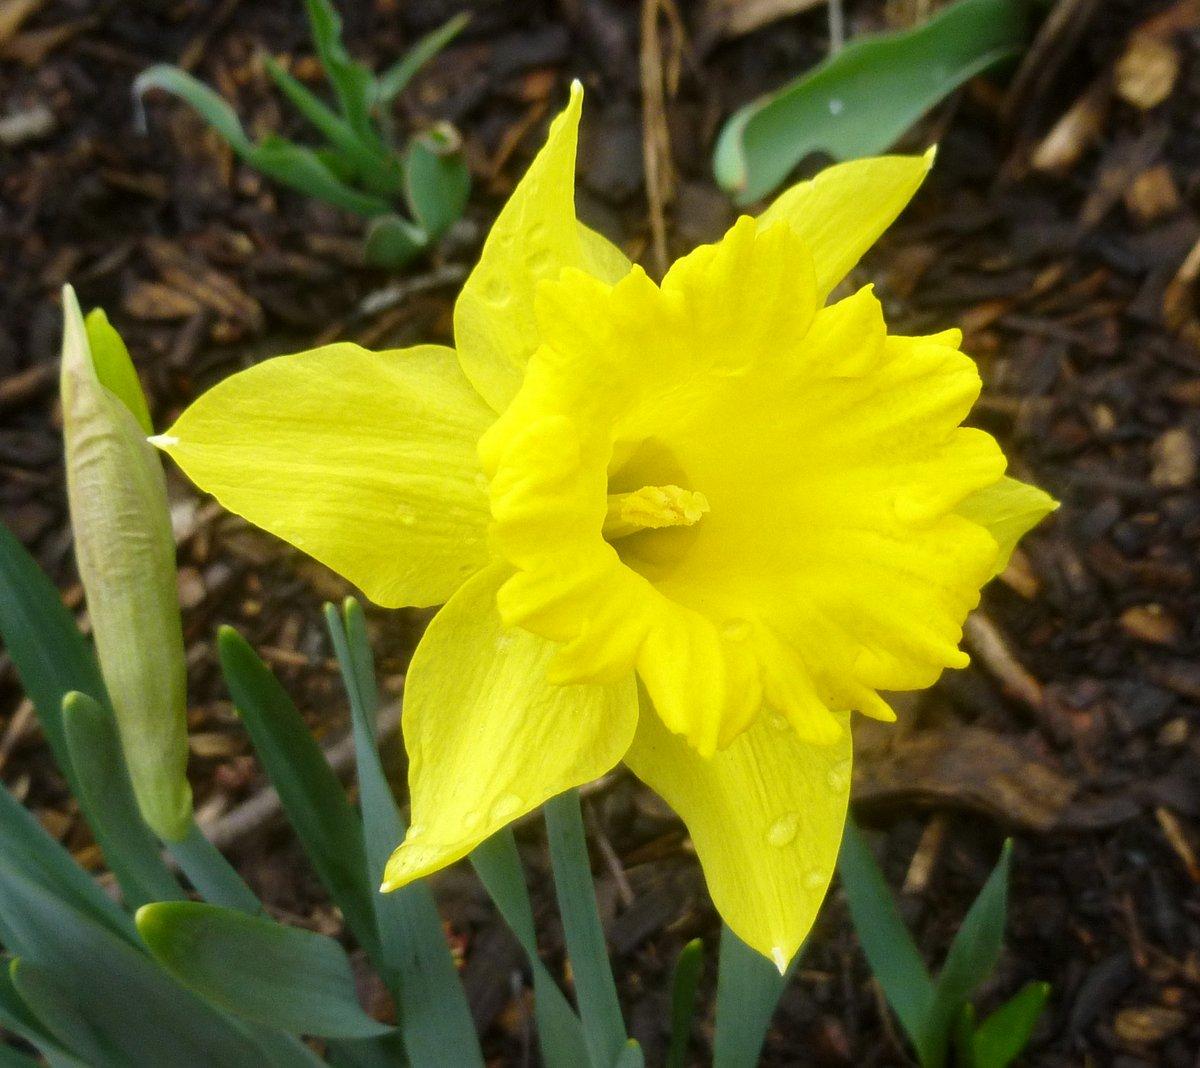 4. Daffodil